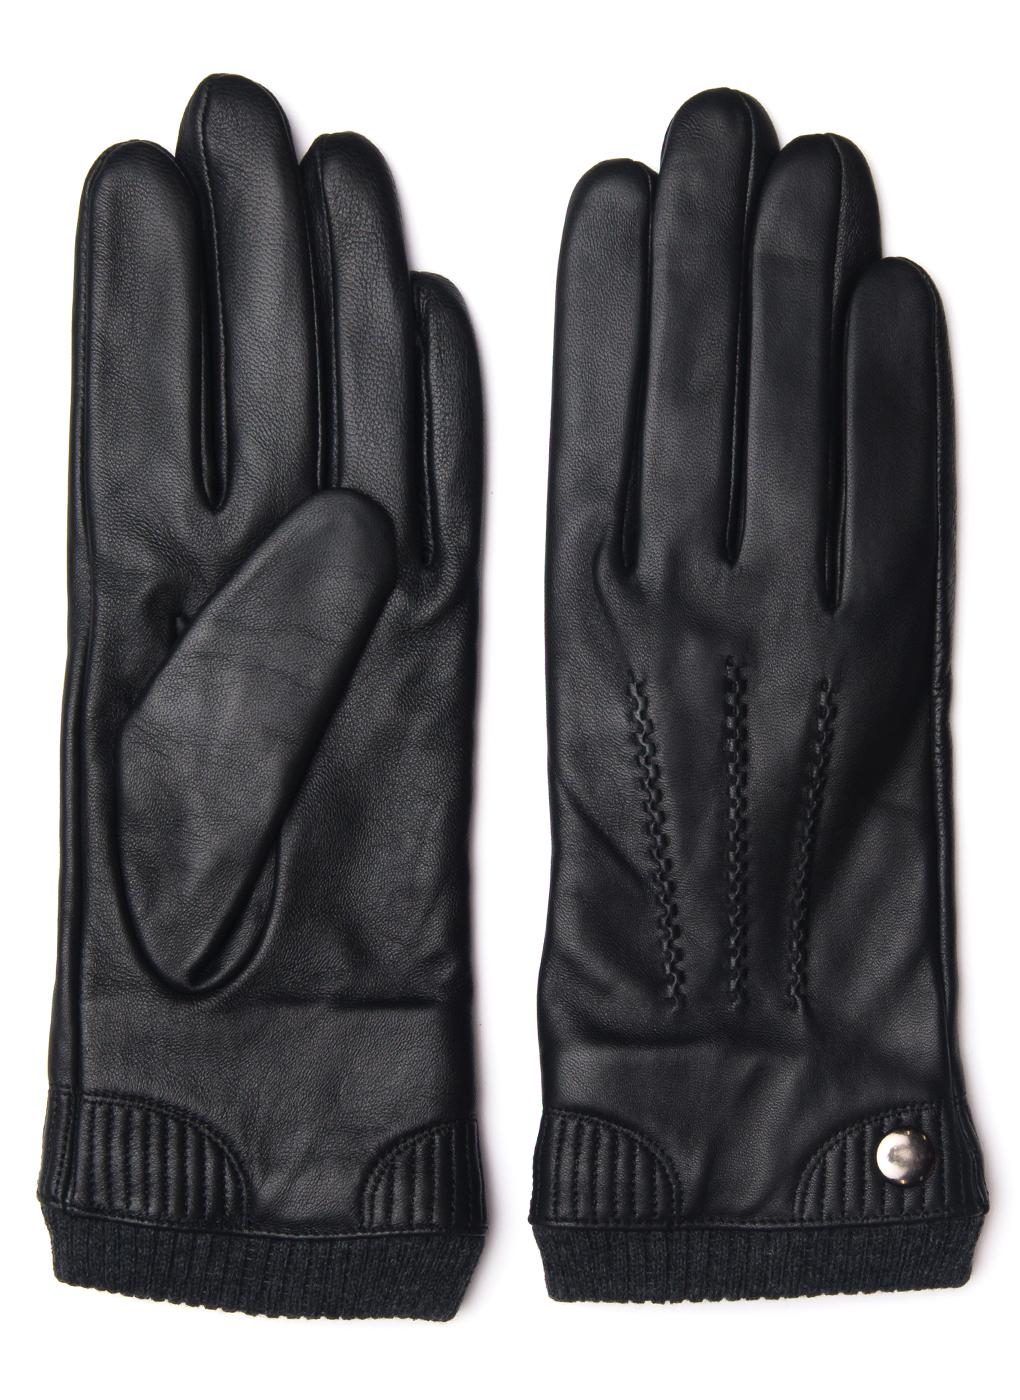 Перчатки кожаные мужские 01, Hannelore фото